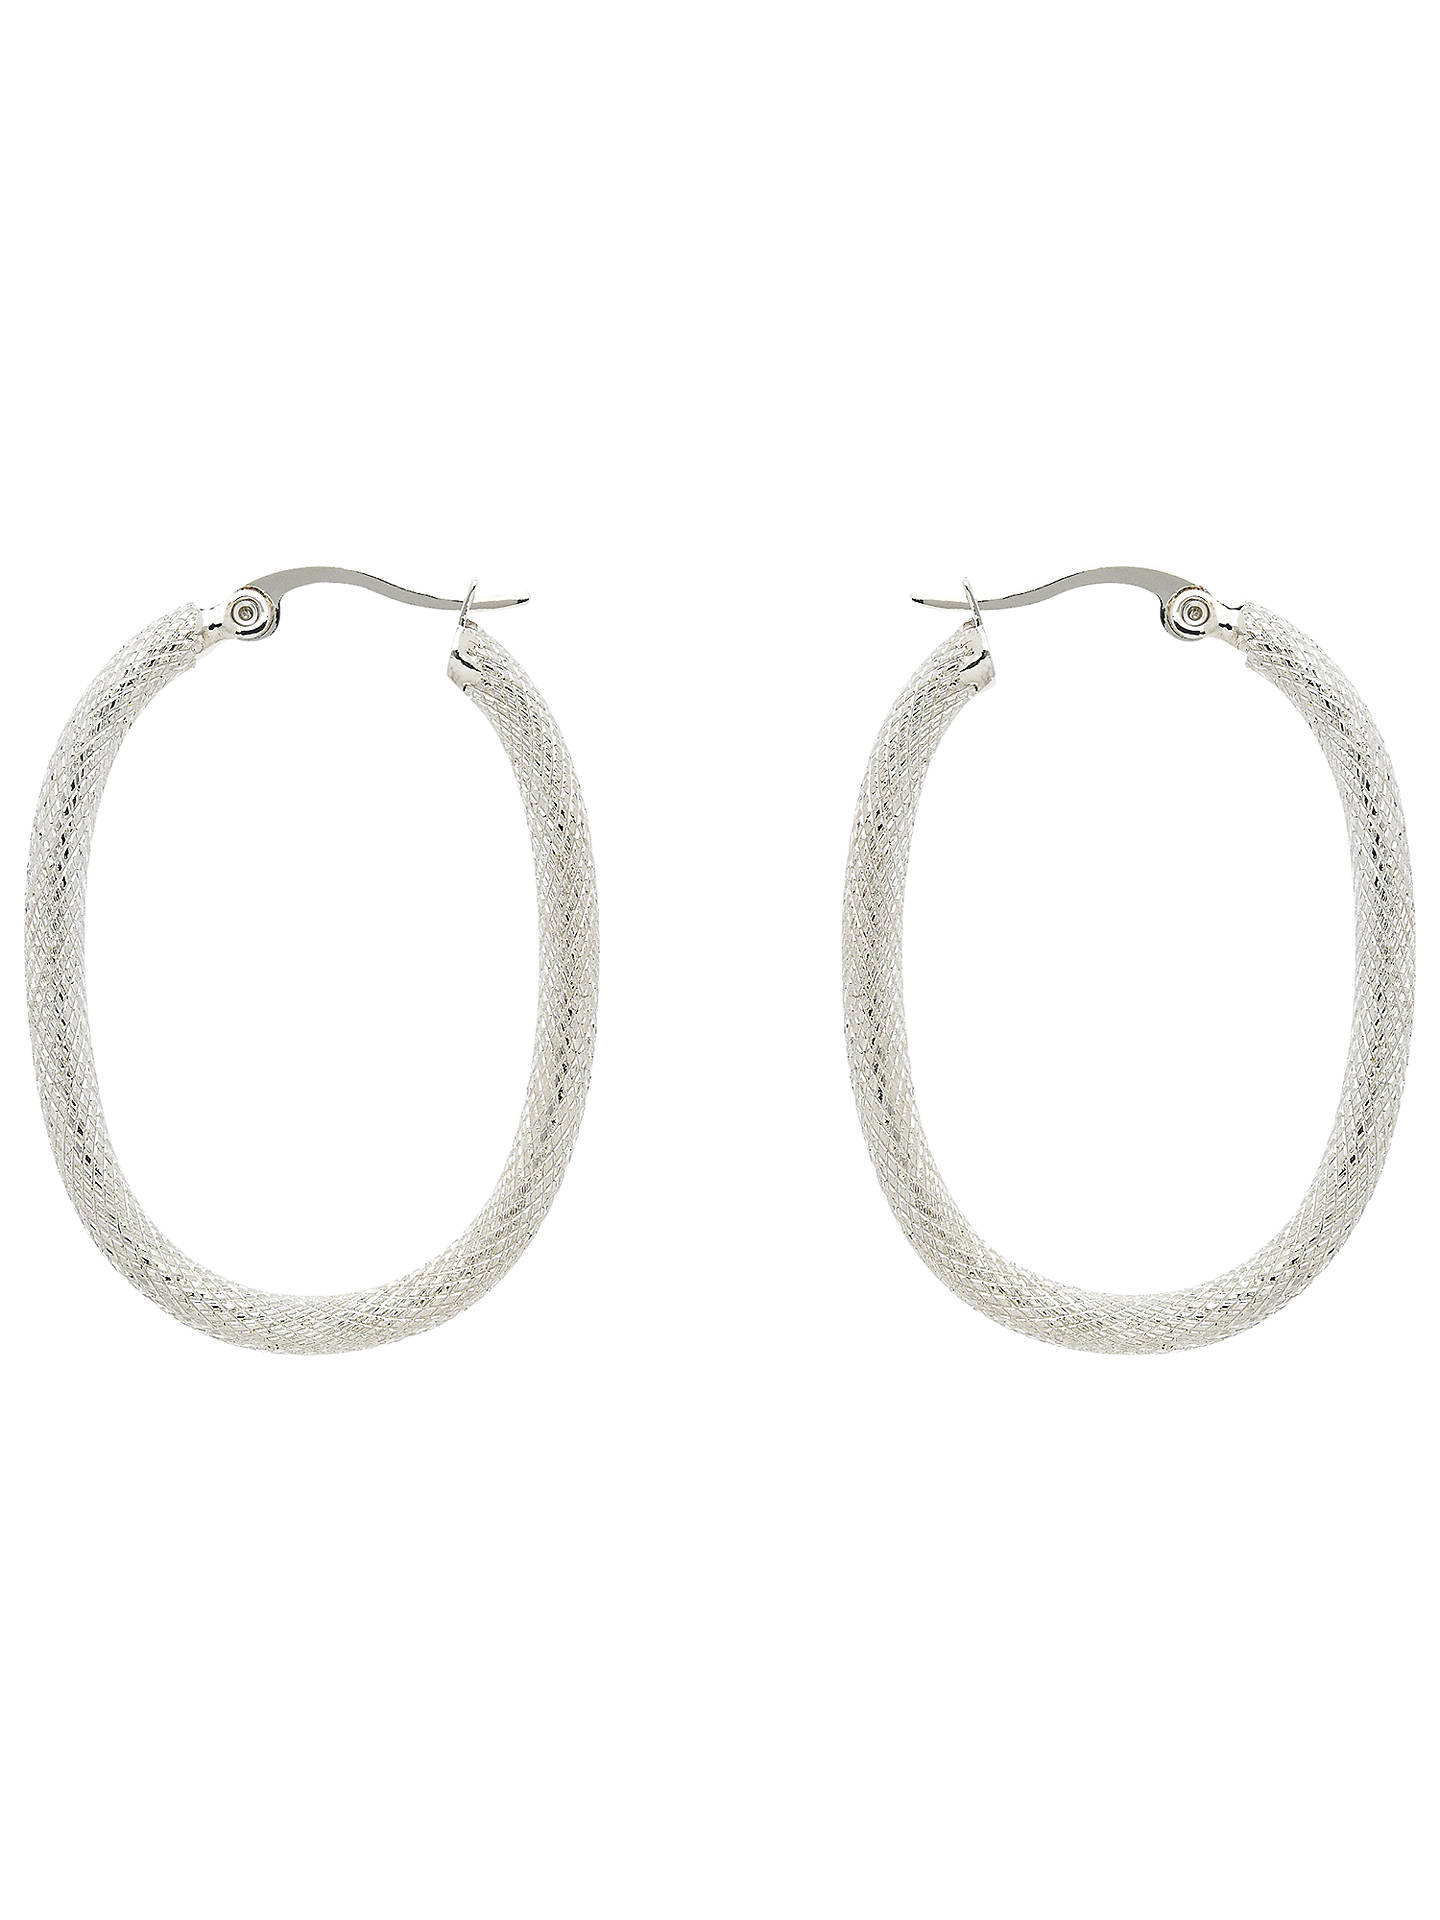 Monet Lattice Hoop Earrings Silver Online At Johnlewis